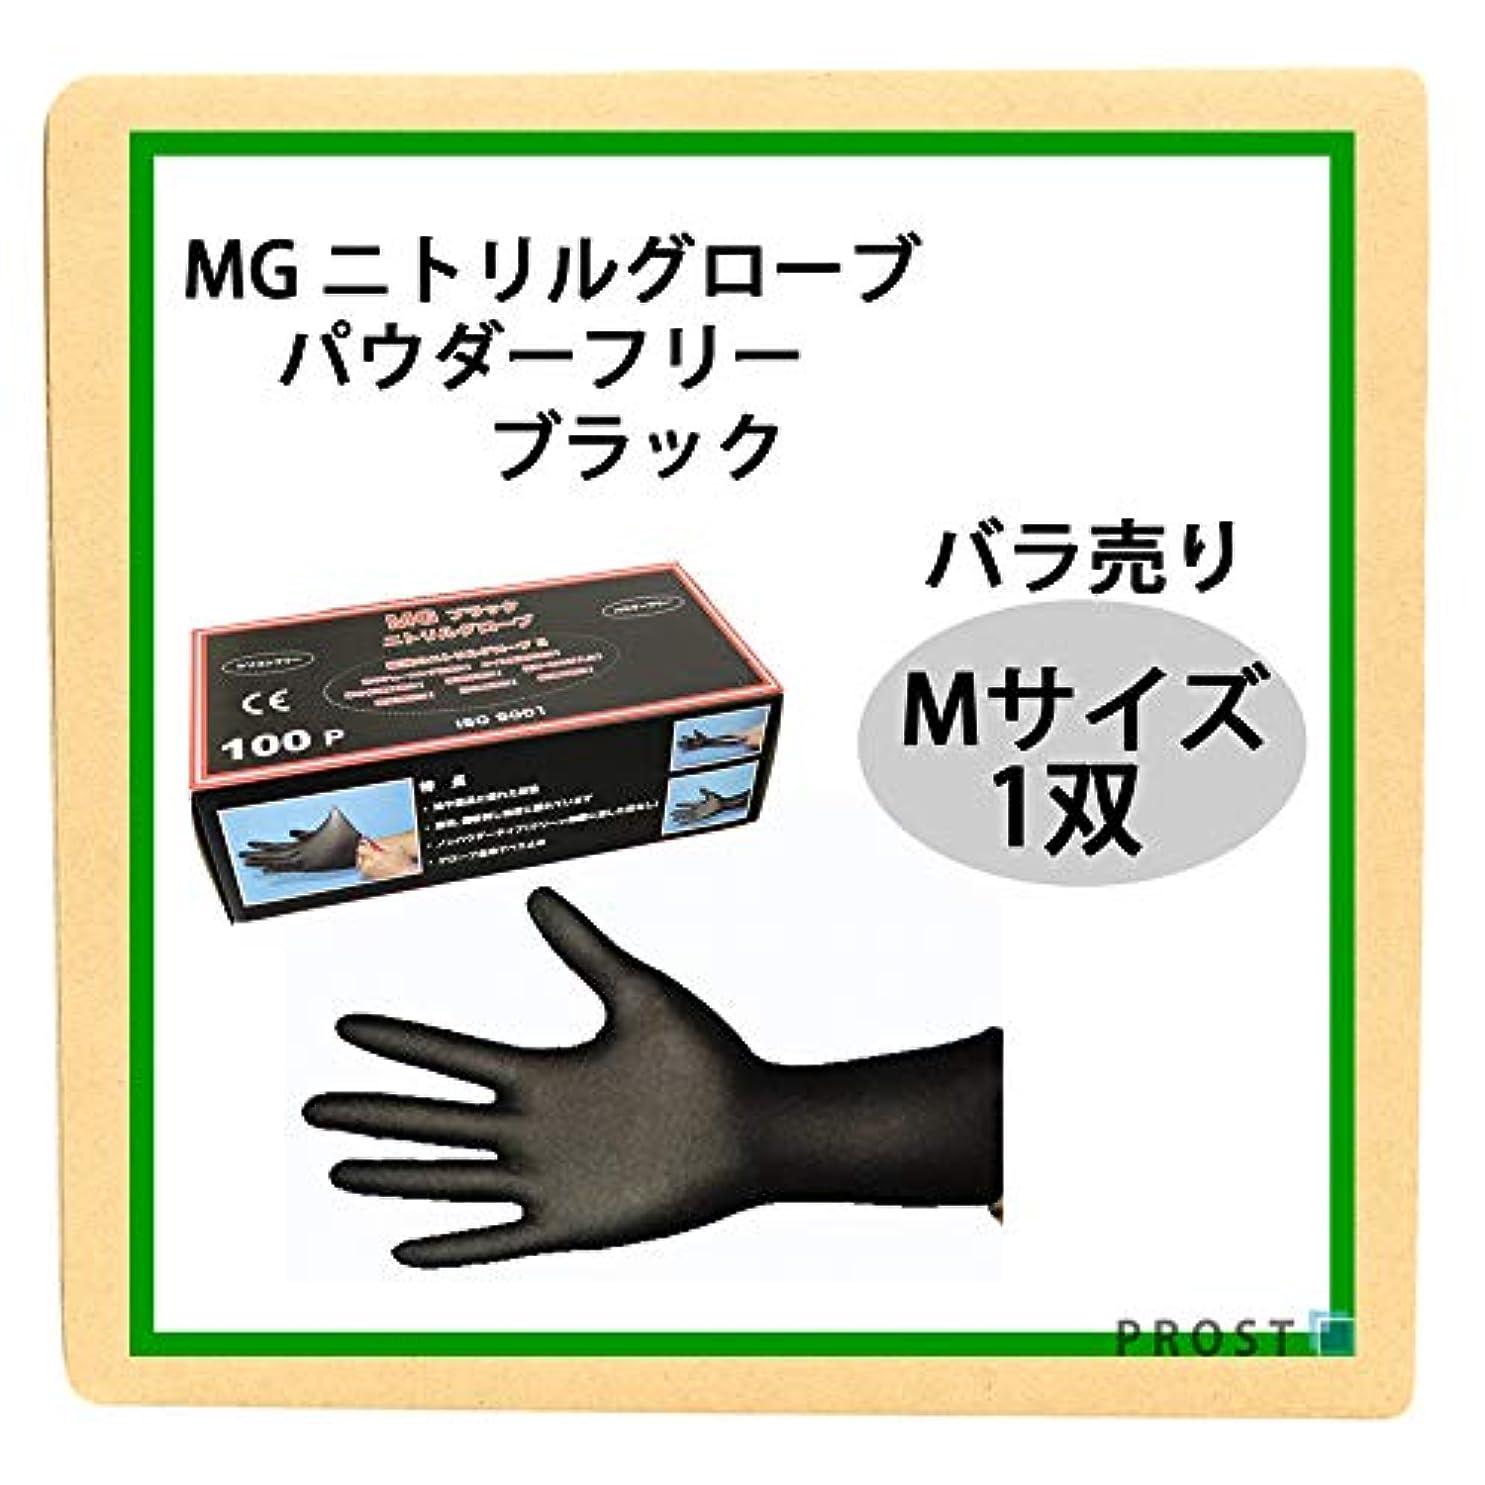 汚い泥あからさまMG ニトリルグローブ ブラック パウダー フリー Mサイズ 1双/ニトリル手袋 ゴム手袋 塗装 オイル ニトリルゴム